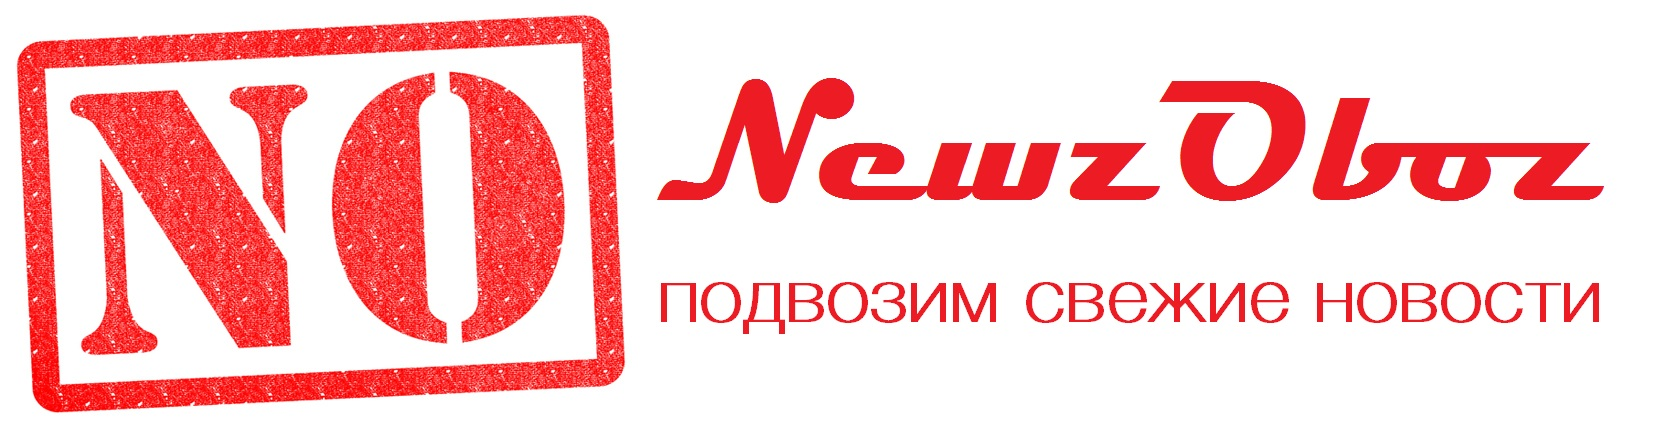 НьюзОбоз